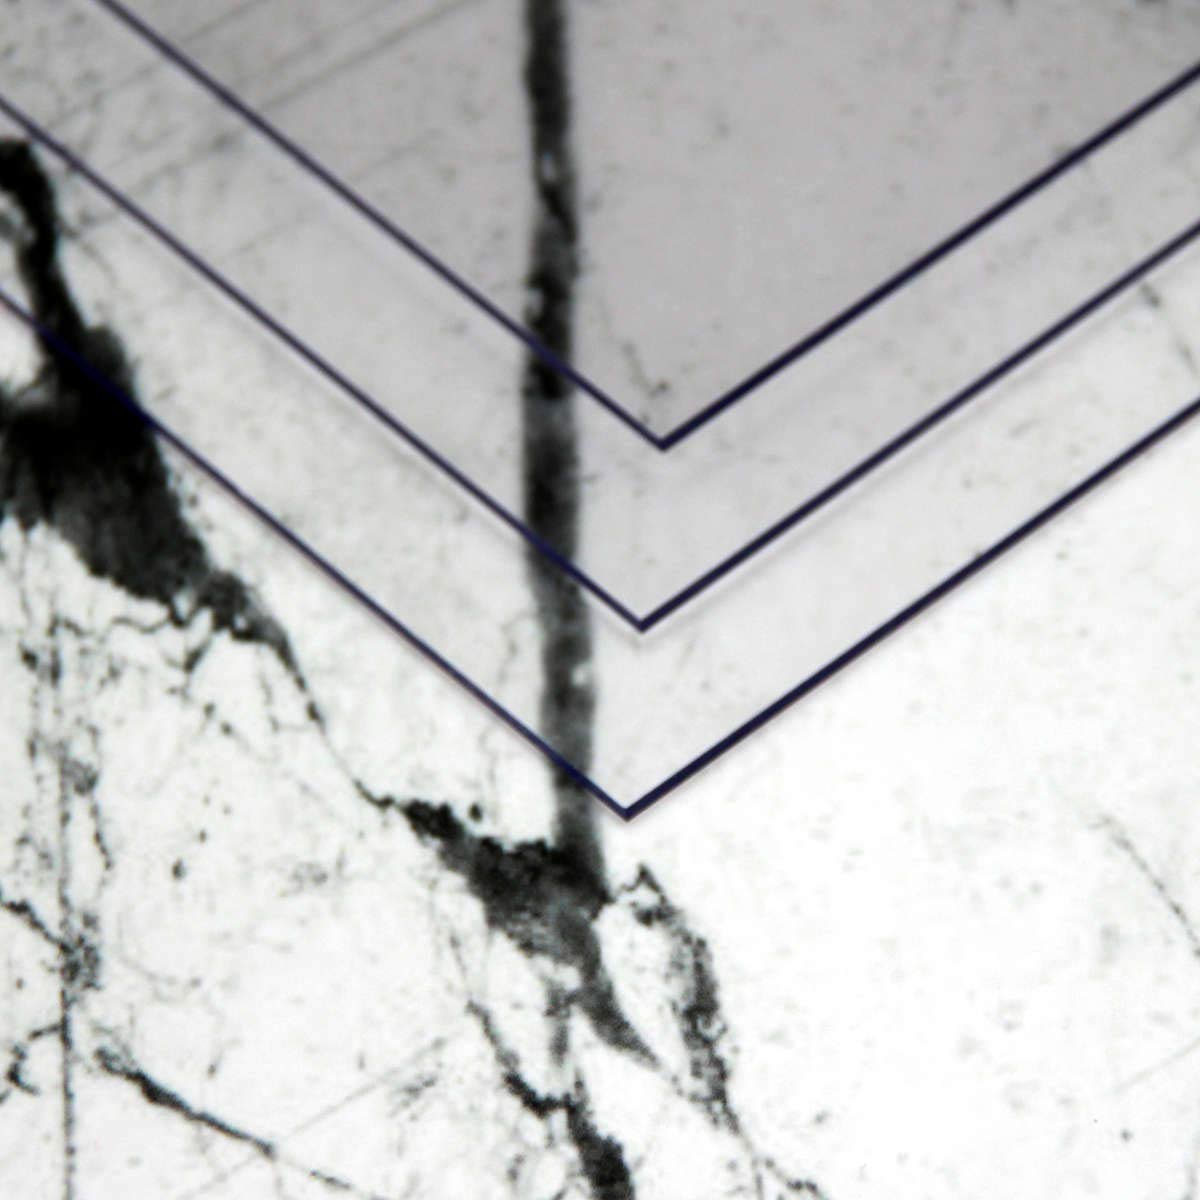 A5 21x15cm policarbonato 1,8mm spesso Piastra Lastre in PC 5 pezzi incolori e infrangibili in varie dimensioni e quantit/à con pellicola protettiva su entrambi i lati